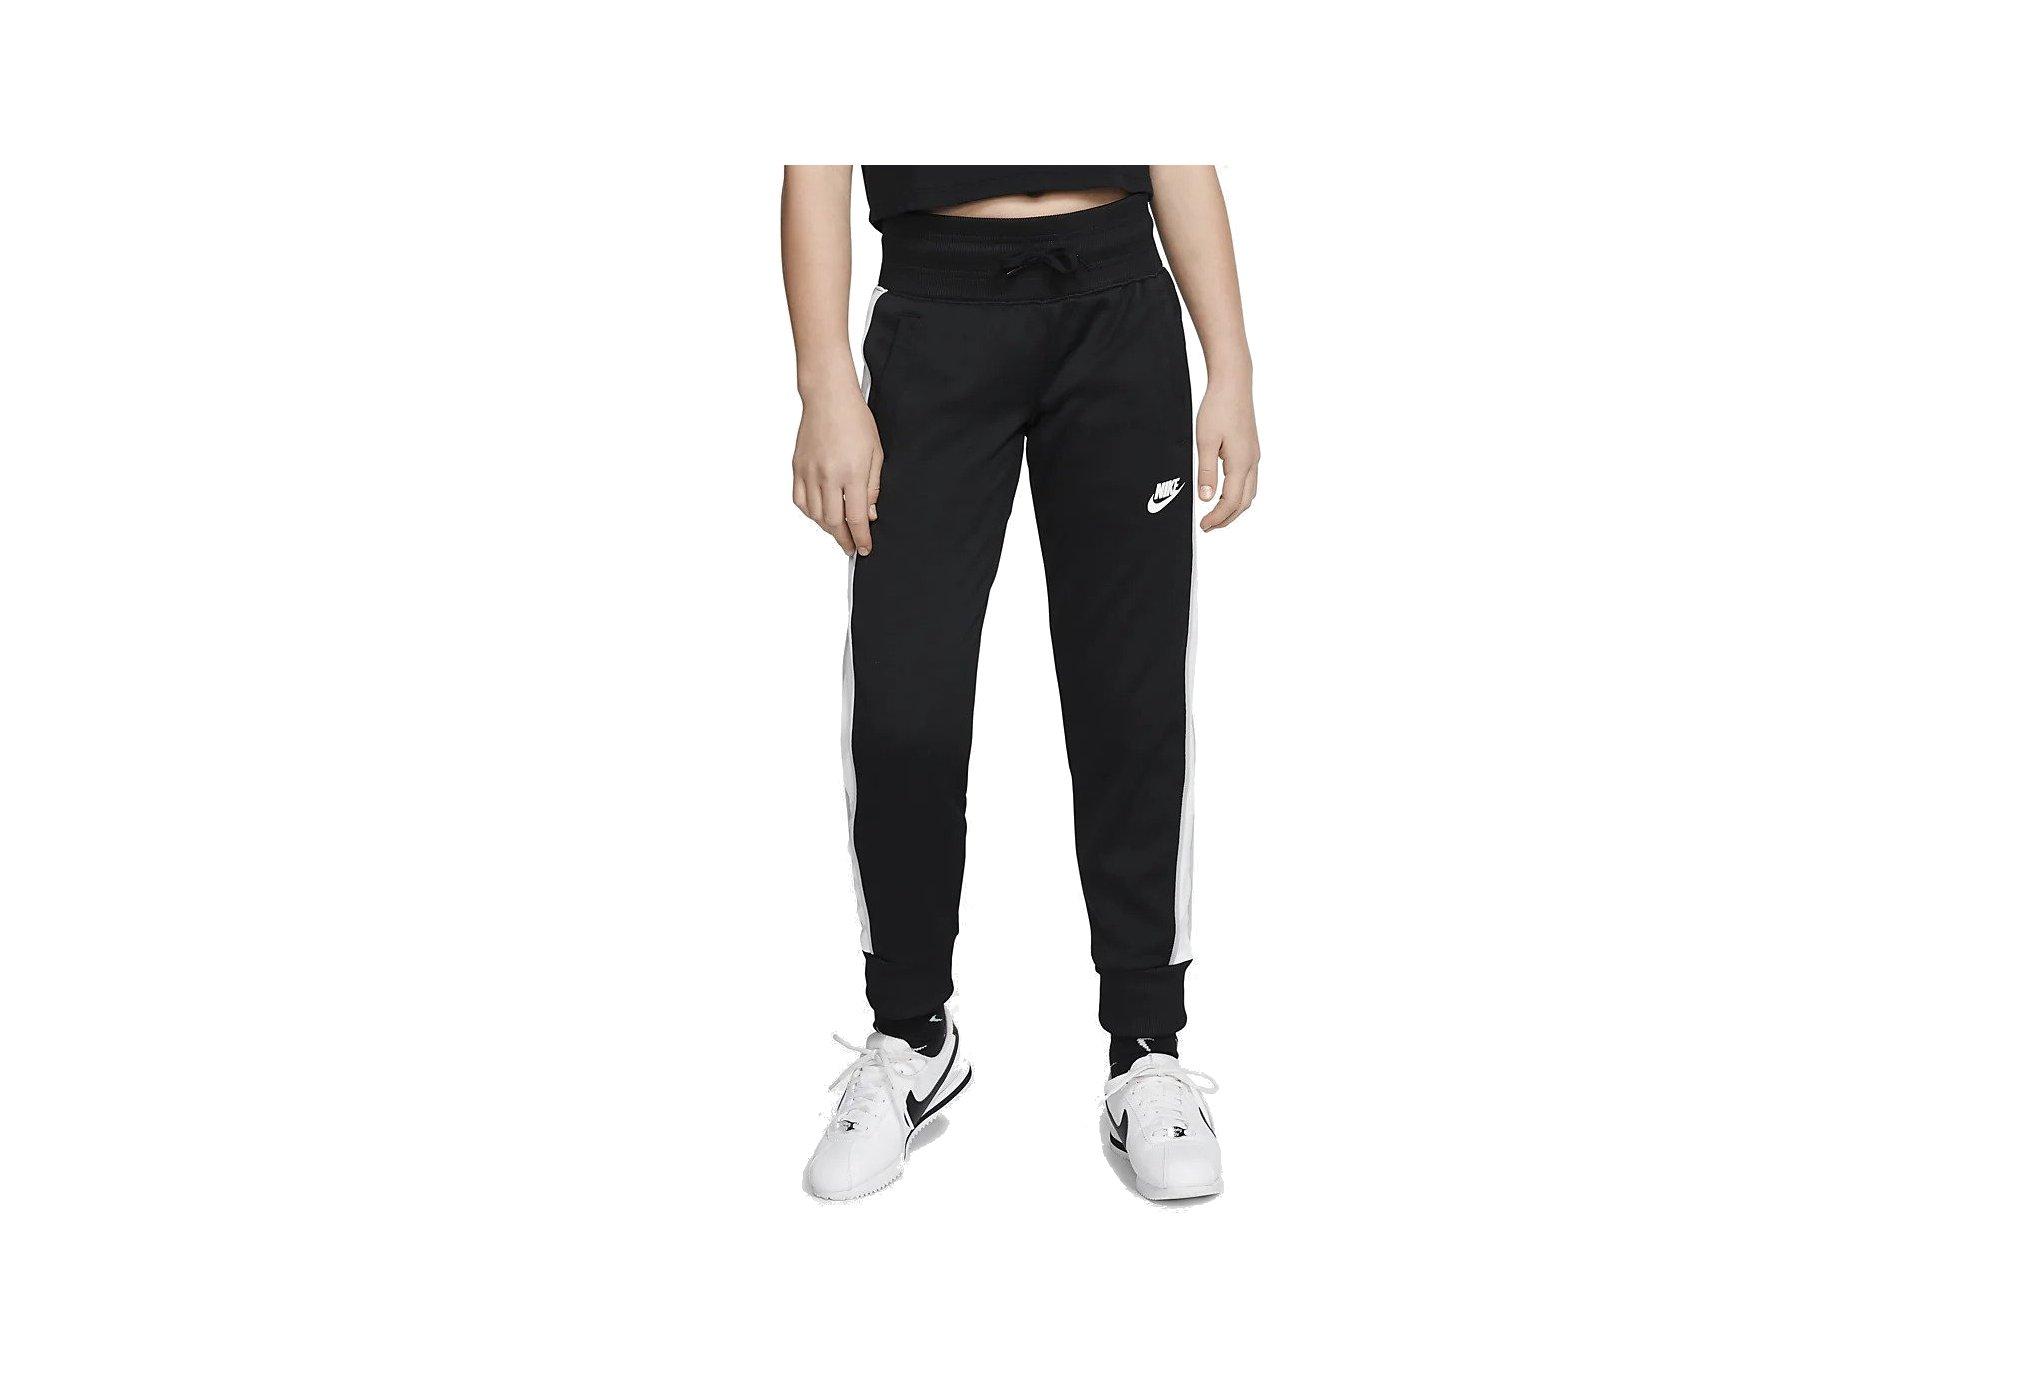 Nike Heritage Fille vêtement running femme